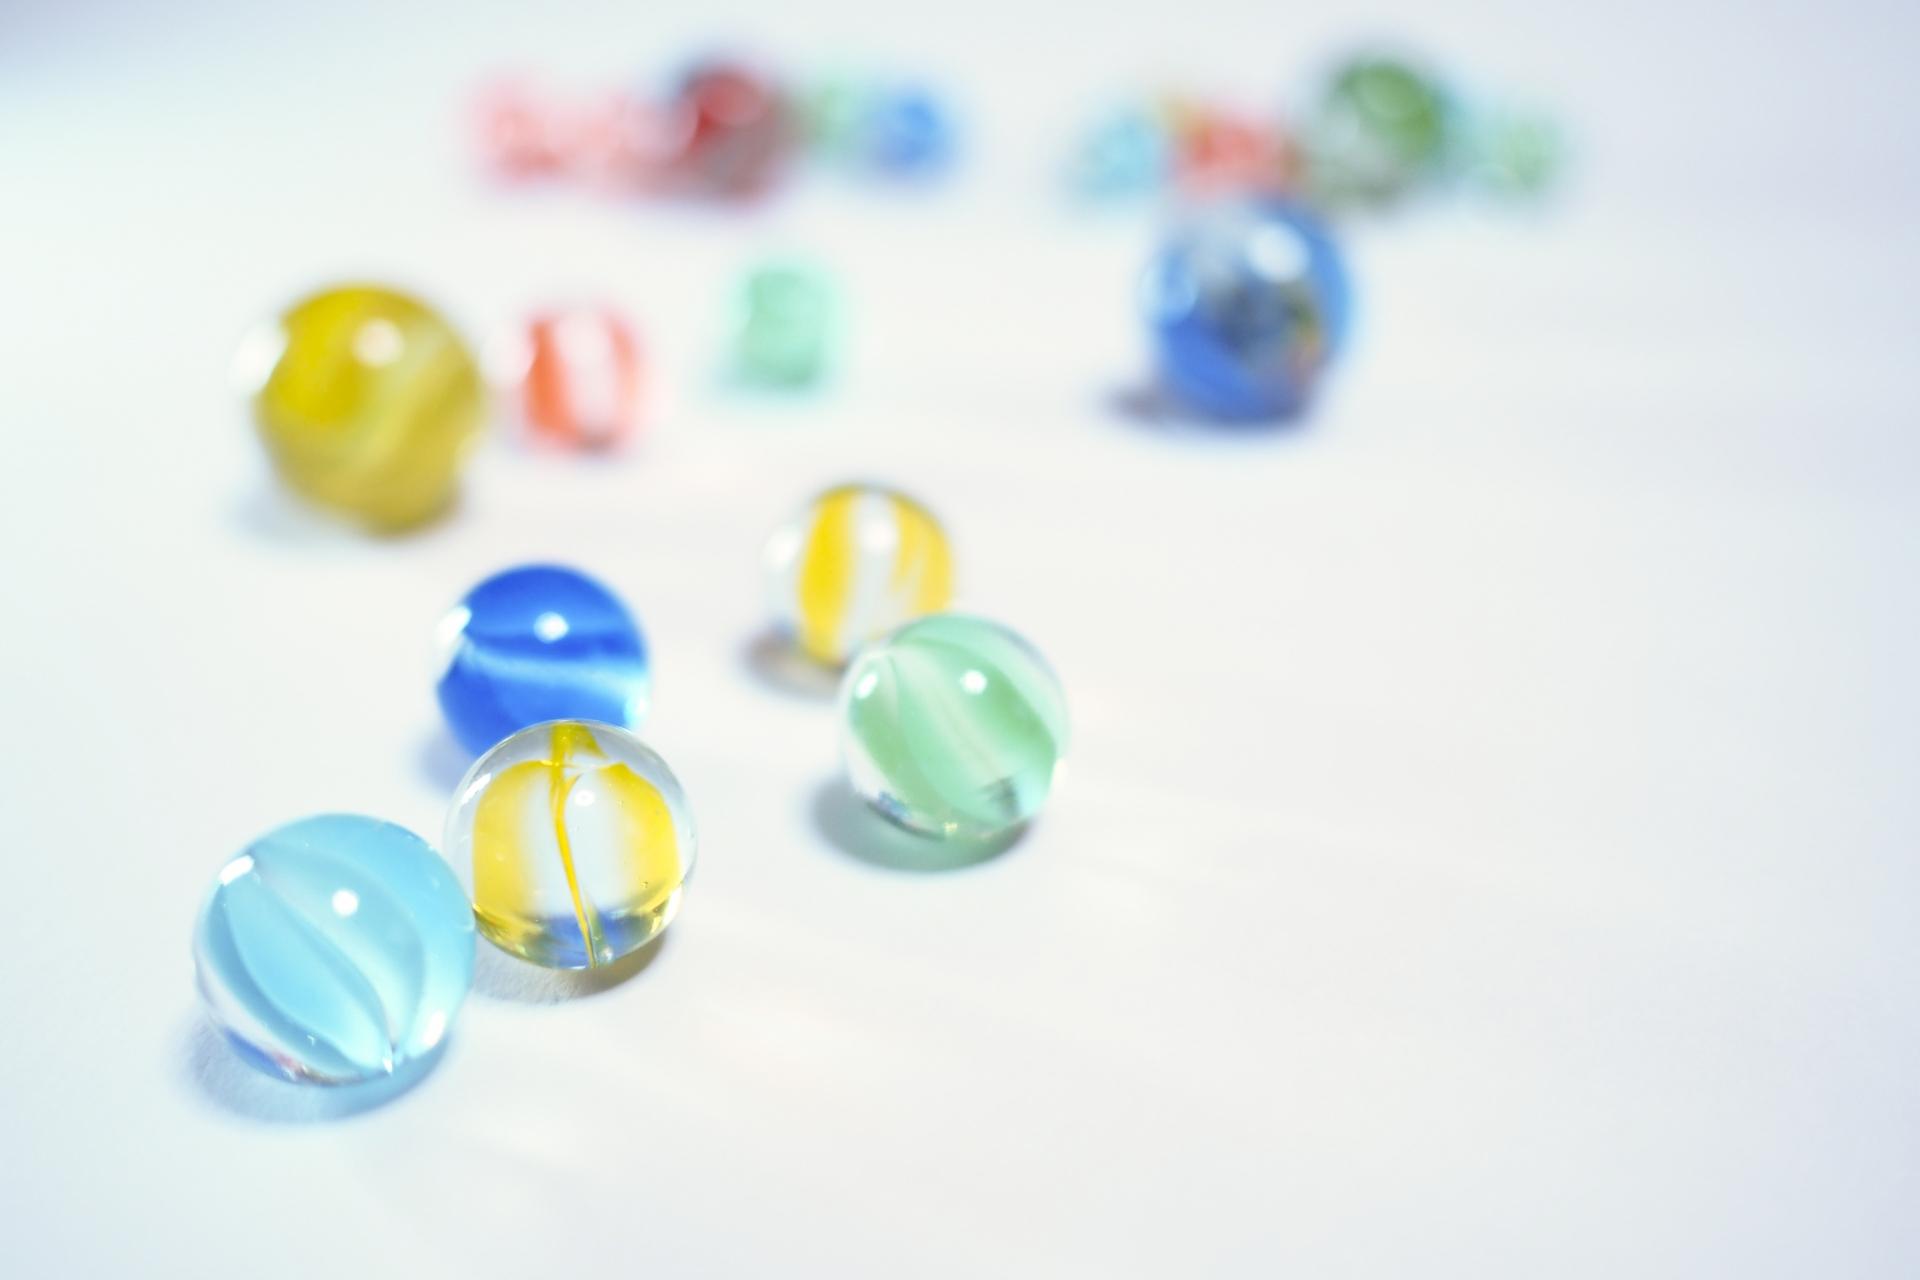 ボール落としおもちゃのイメージ画像、鮮やかなビー玉